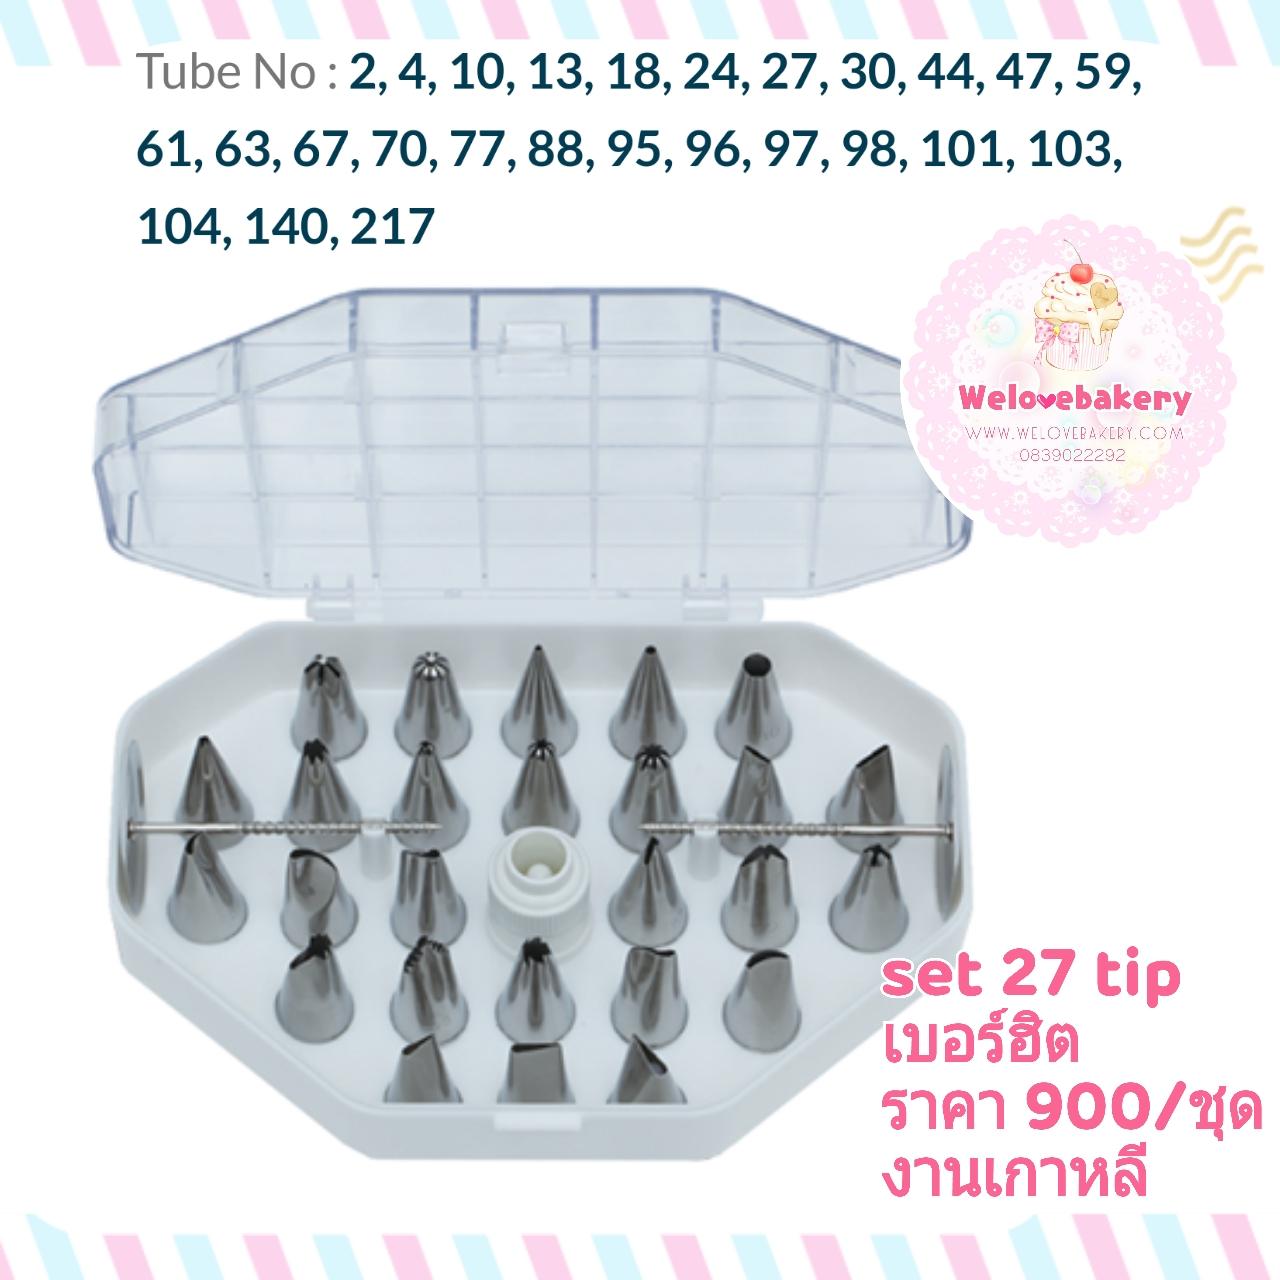 """ชุดหัวบีบครีมเค้ก27หัว + ร่มแต่งกุหลาบ *2+ตัวล็อก (จากเกาหลี) แถมถุงบีบ 12"""" แบบใช้แล้วทิ้ง 10 ใบ"""